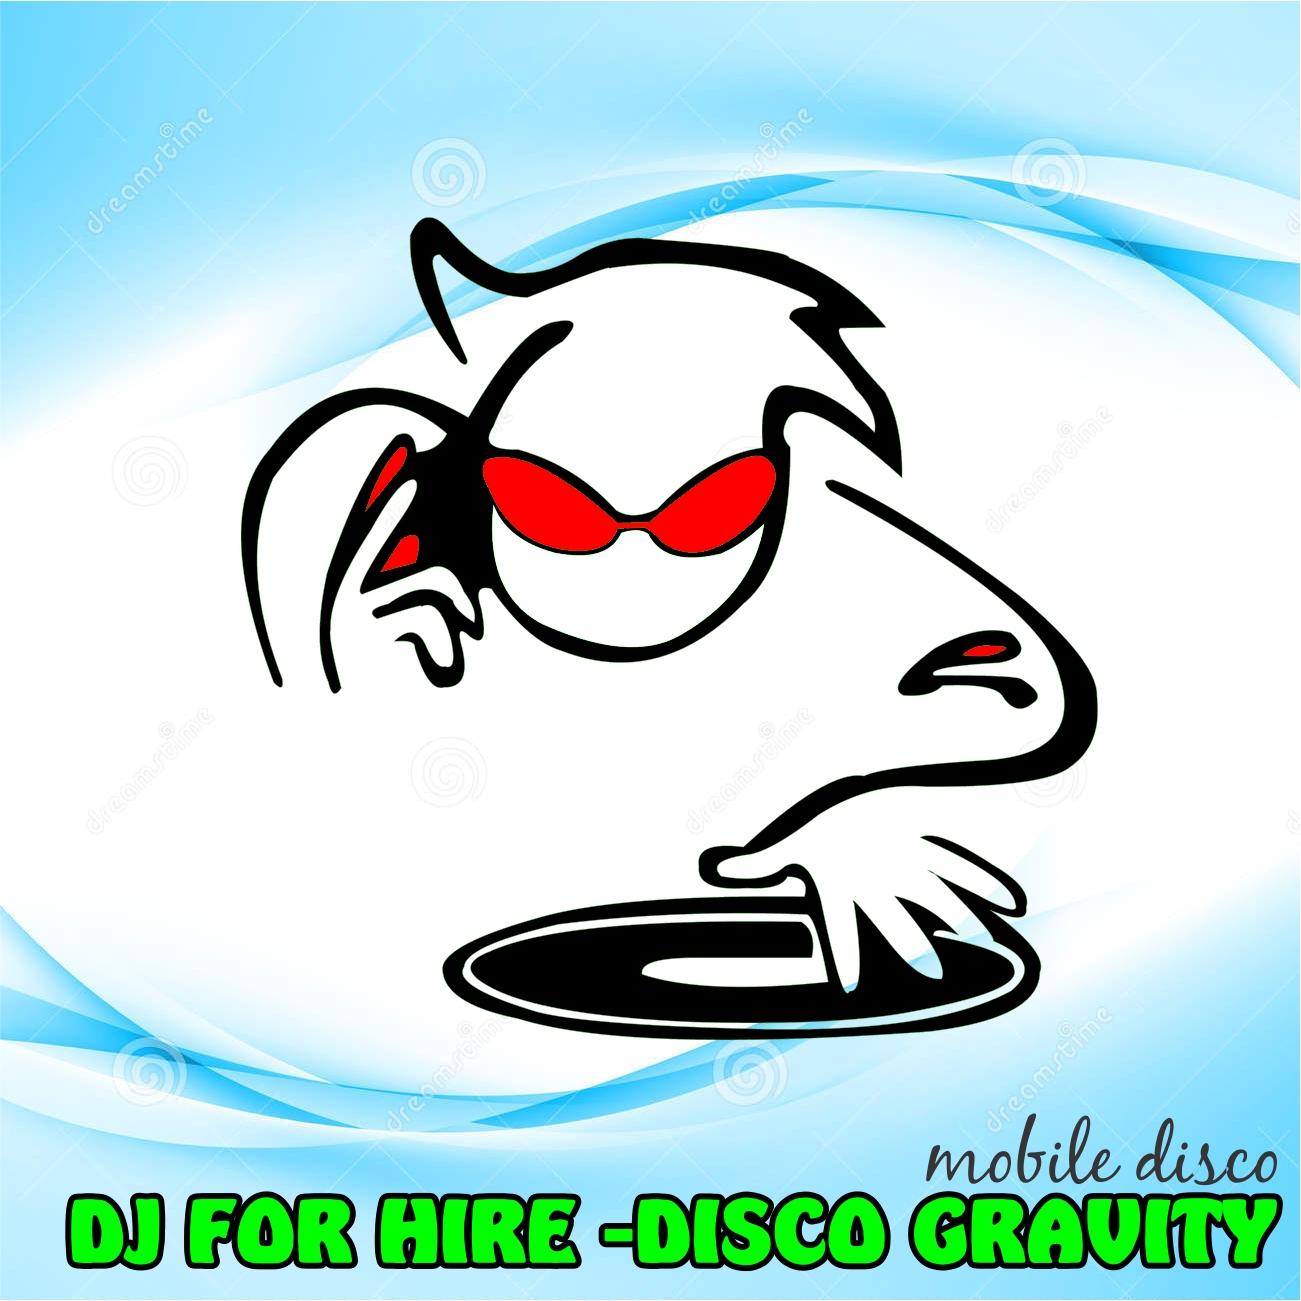 Click me mobile disco gravity mobile dj for hire dj rajen 0315072463 durban sound dj rajen